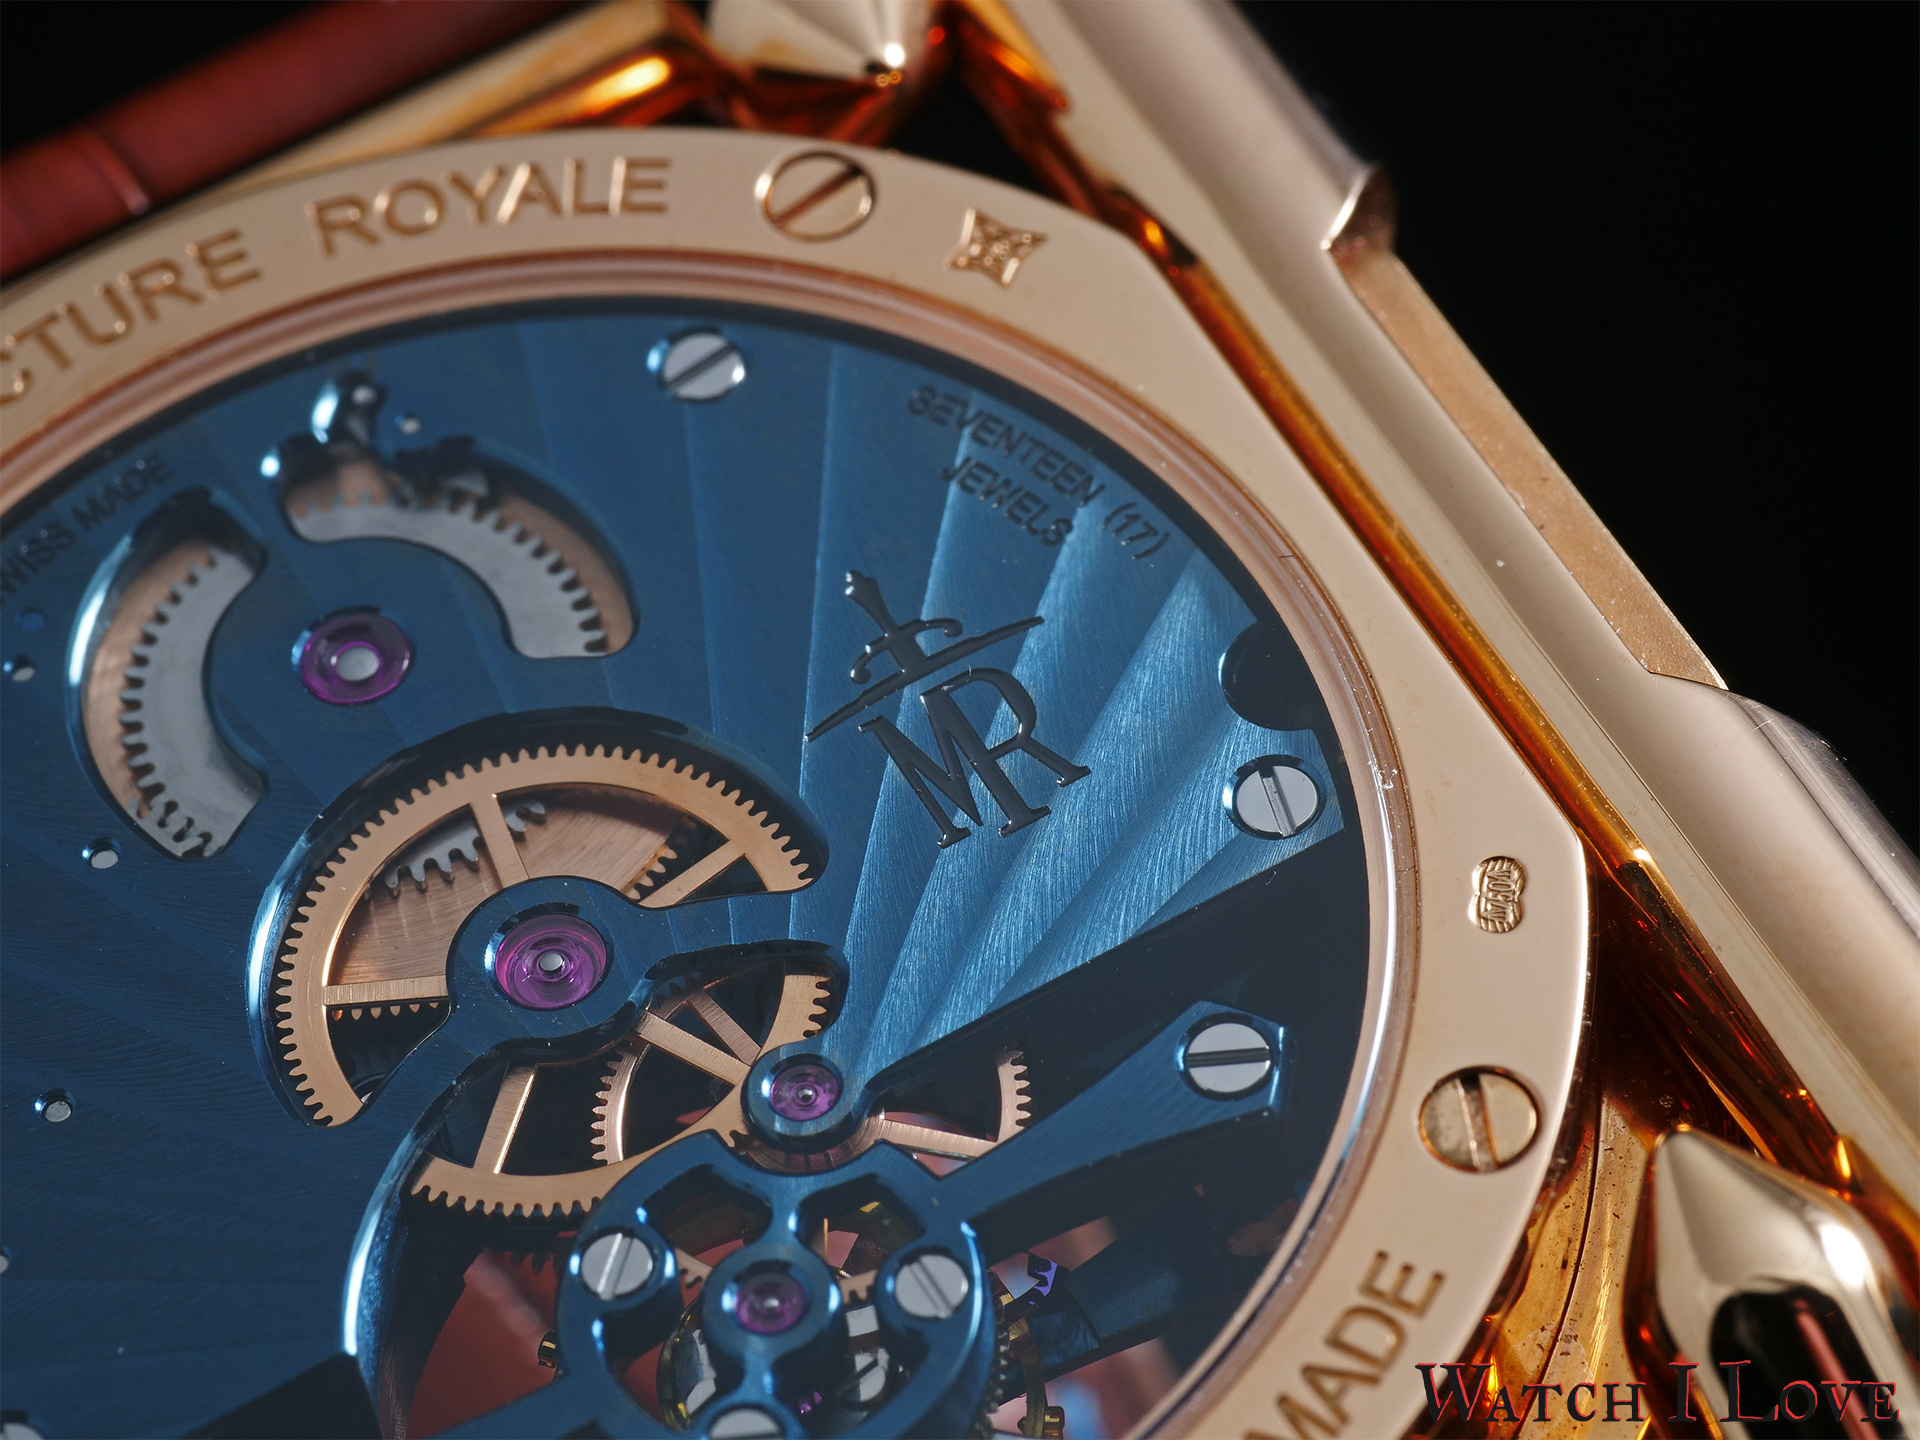 Androgyne Light Blue Rose Gold back view details